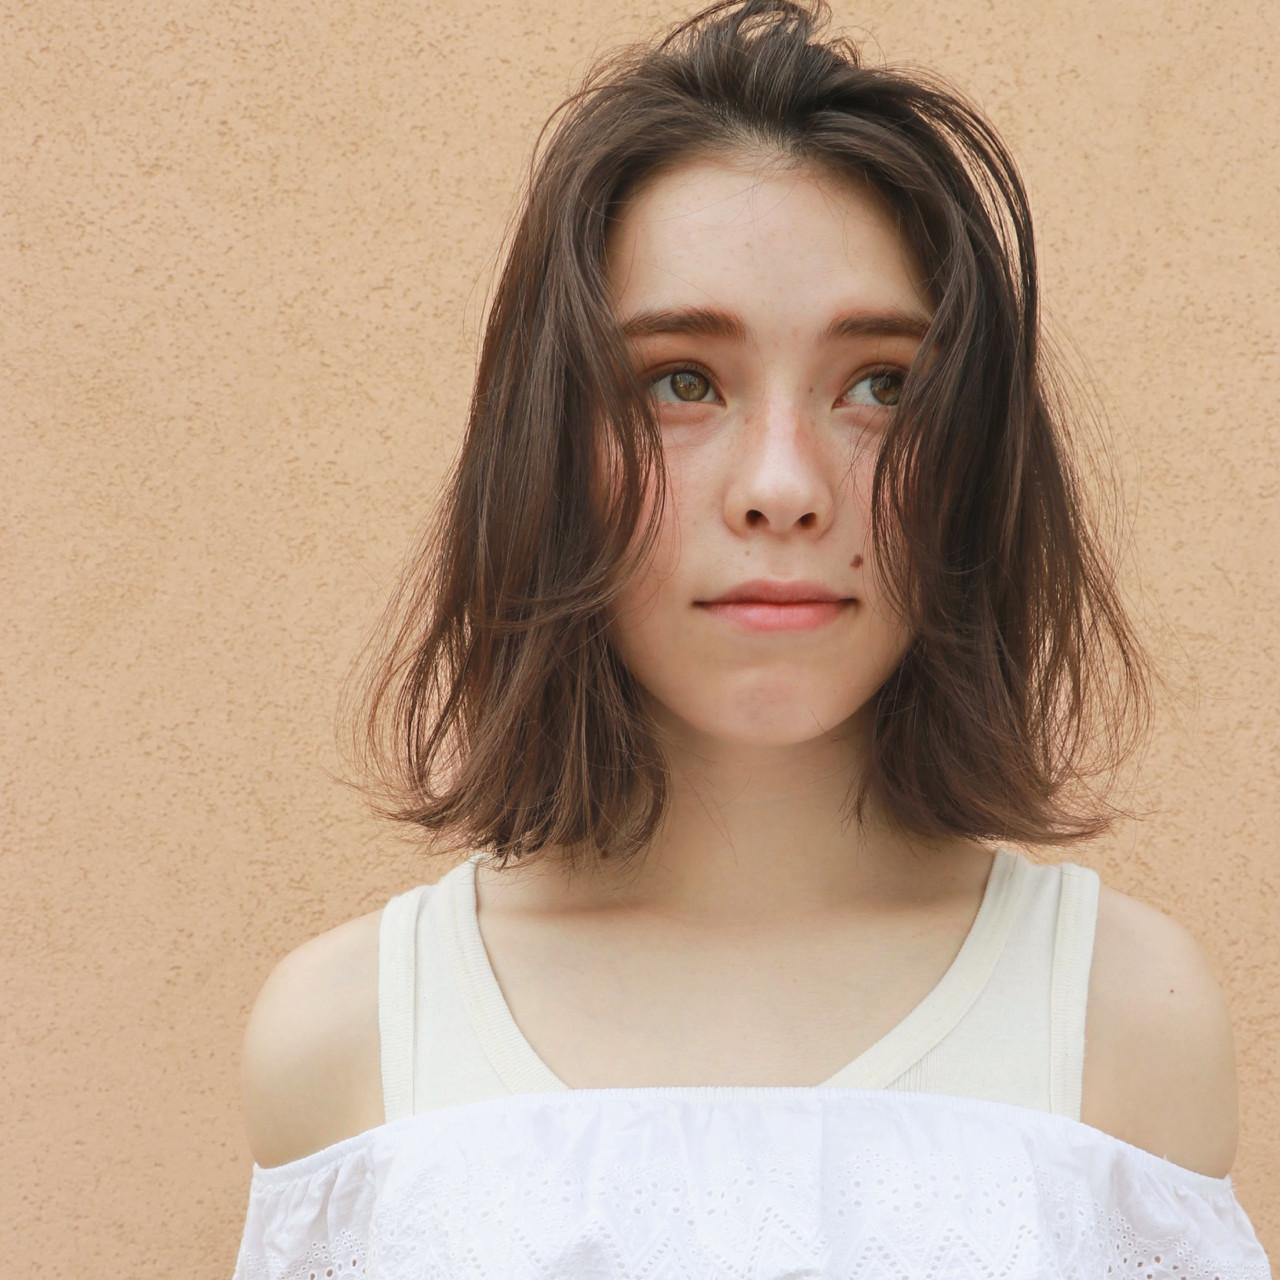 ボブ レイヤーカット ヌーディベージュ ナチュラル ヘアスタイルや髪型の写真・画像 | 一色 さおり / LOAVE AOYAMA(ローブ アオヤマ)